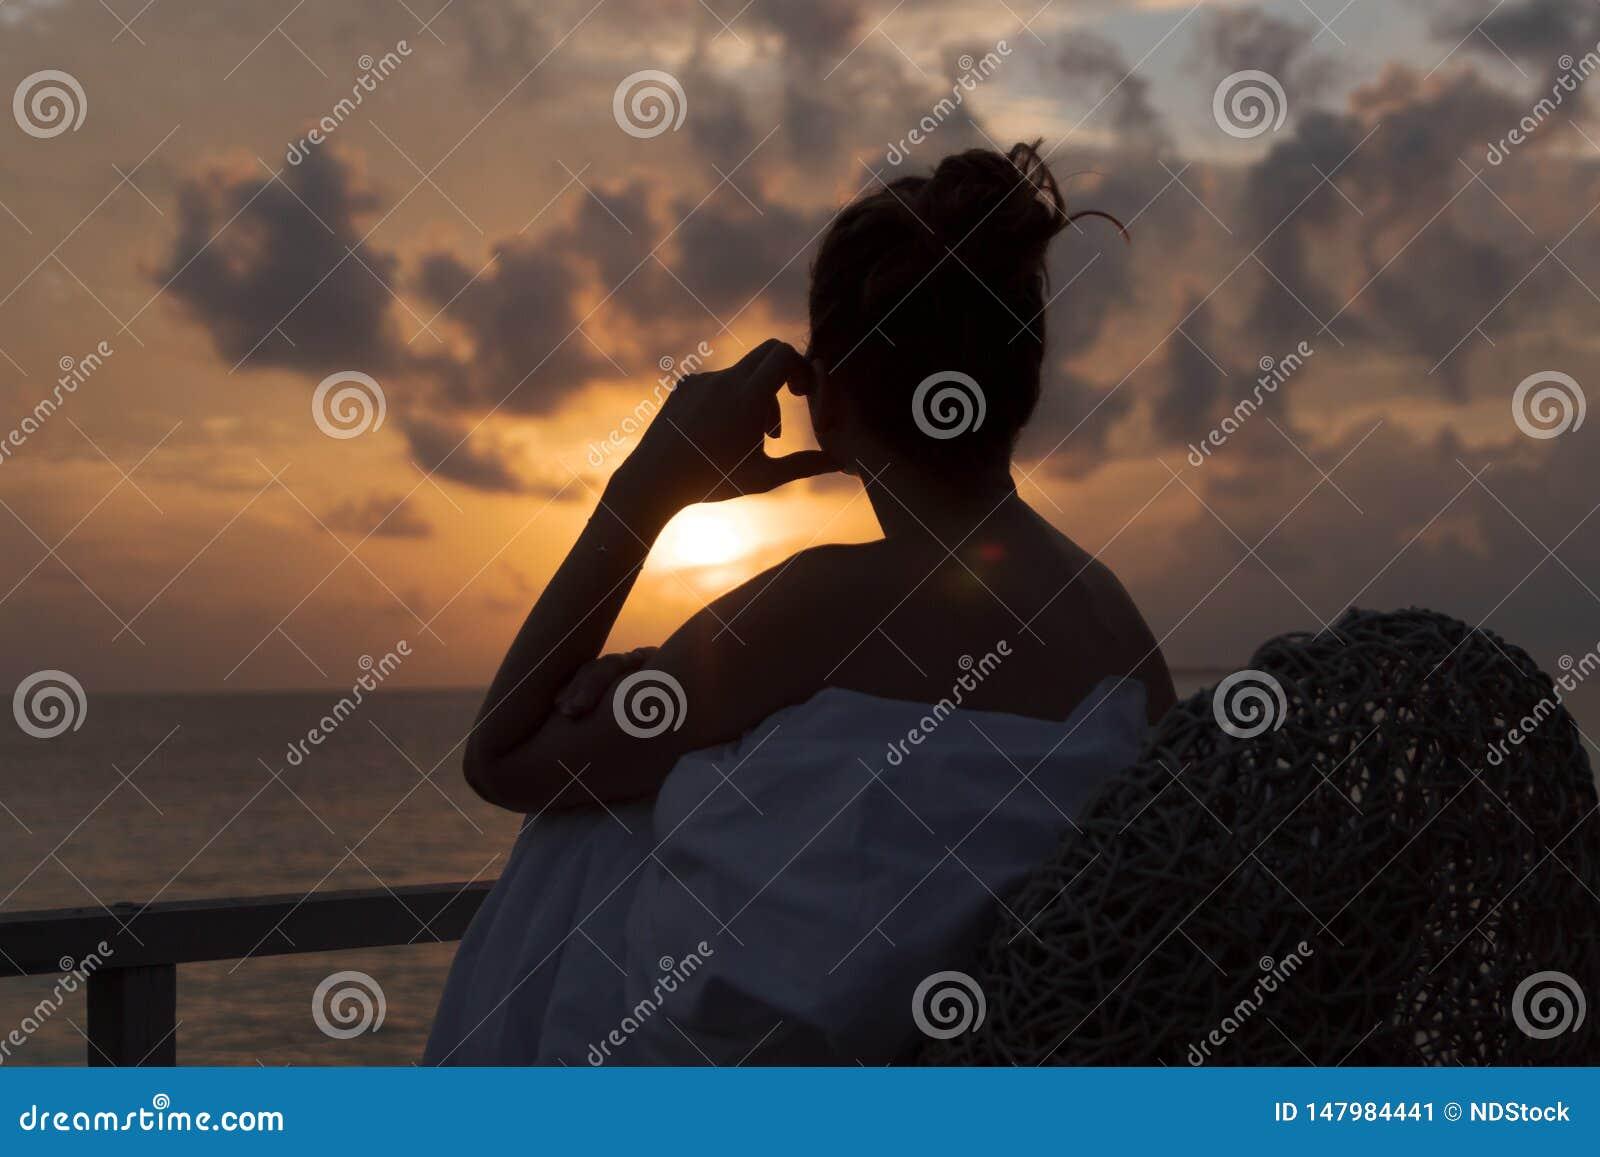 Σκιαγραφία μιας όμορφης γυναίκας που συλλογίζεται την ανατολή από ένα μπαλκόνι πέρα από τη θάλασσα